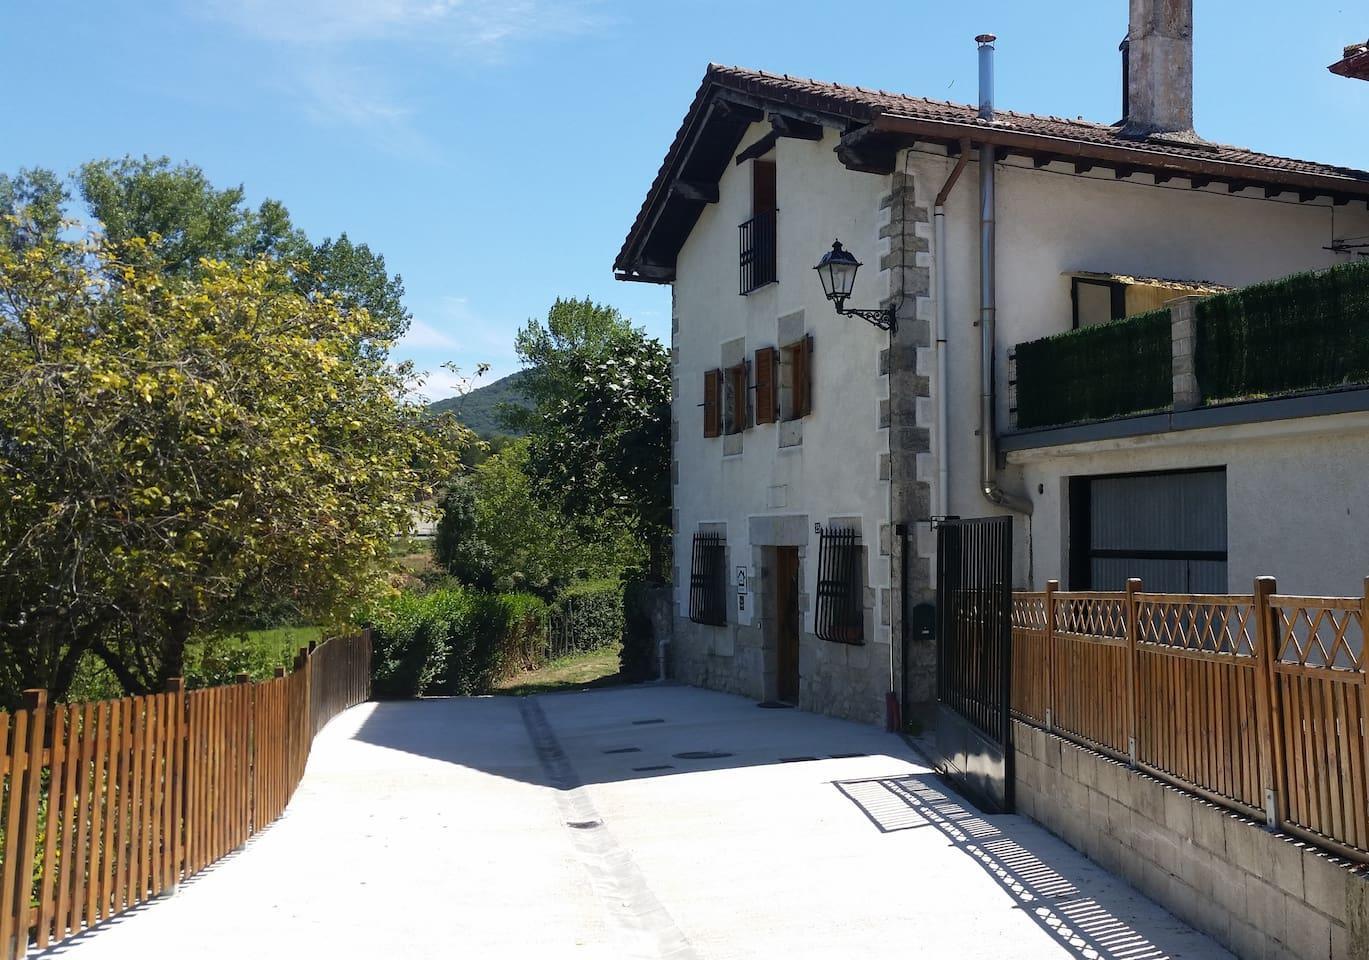 Alquiler vacaciones en Satrustegi, Navarra